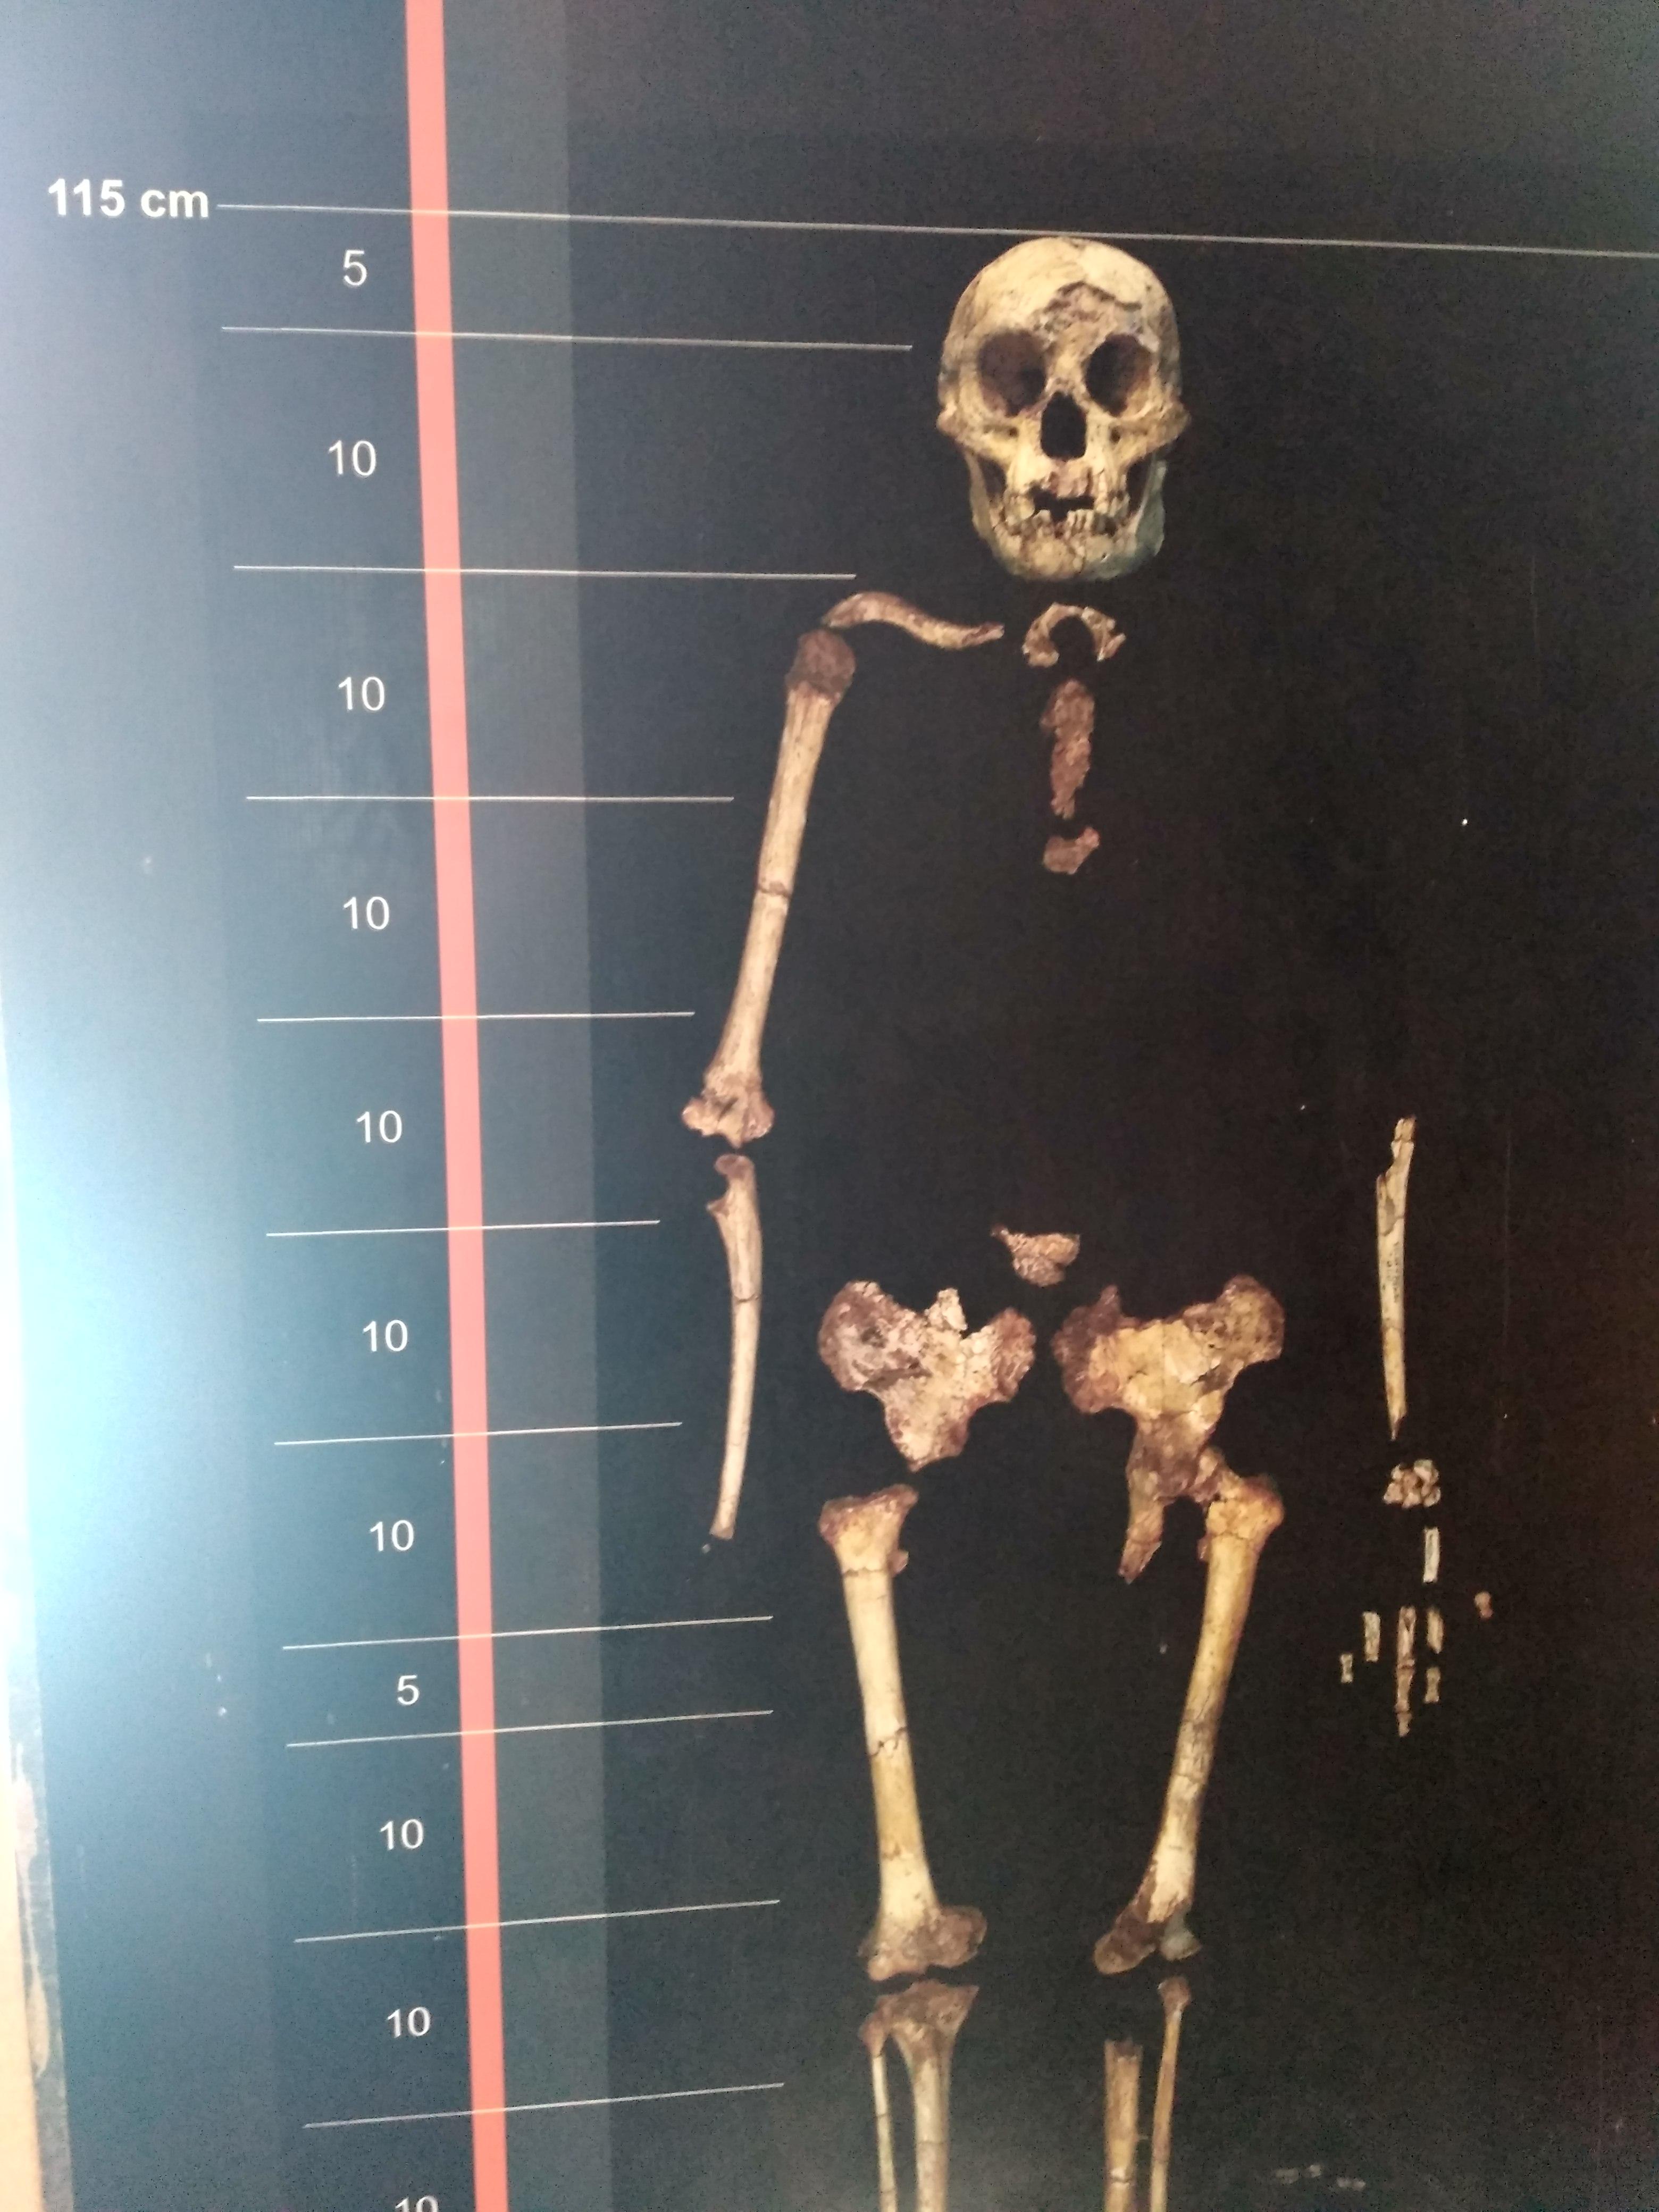 Остров Флорес в Индонезии: хоббиты, бетель и жертвоприношения Остров Флорес в Индонезии: хоббиты, бетель и жертвоприношения IMG 20180306 100527 HDR